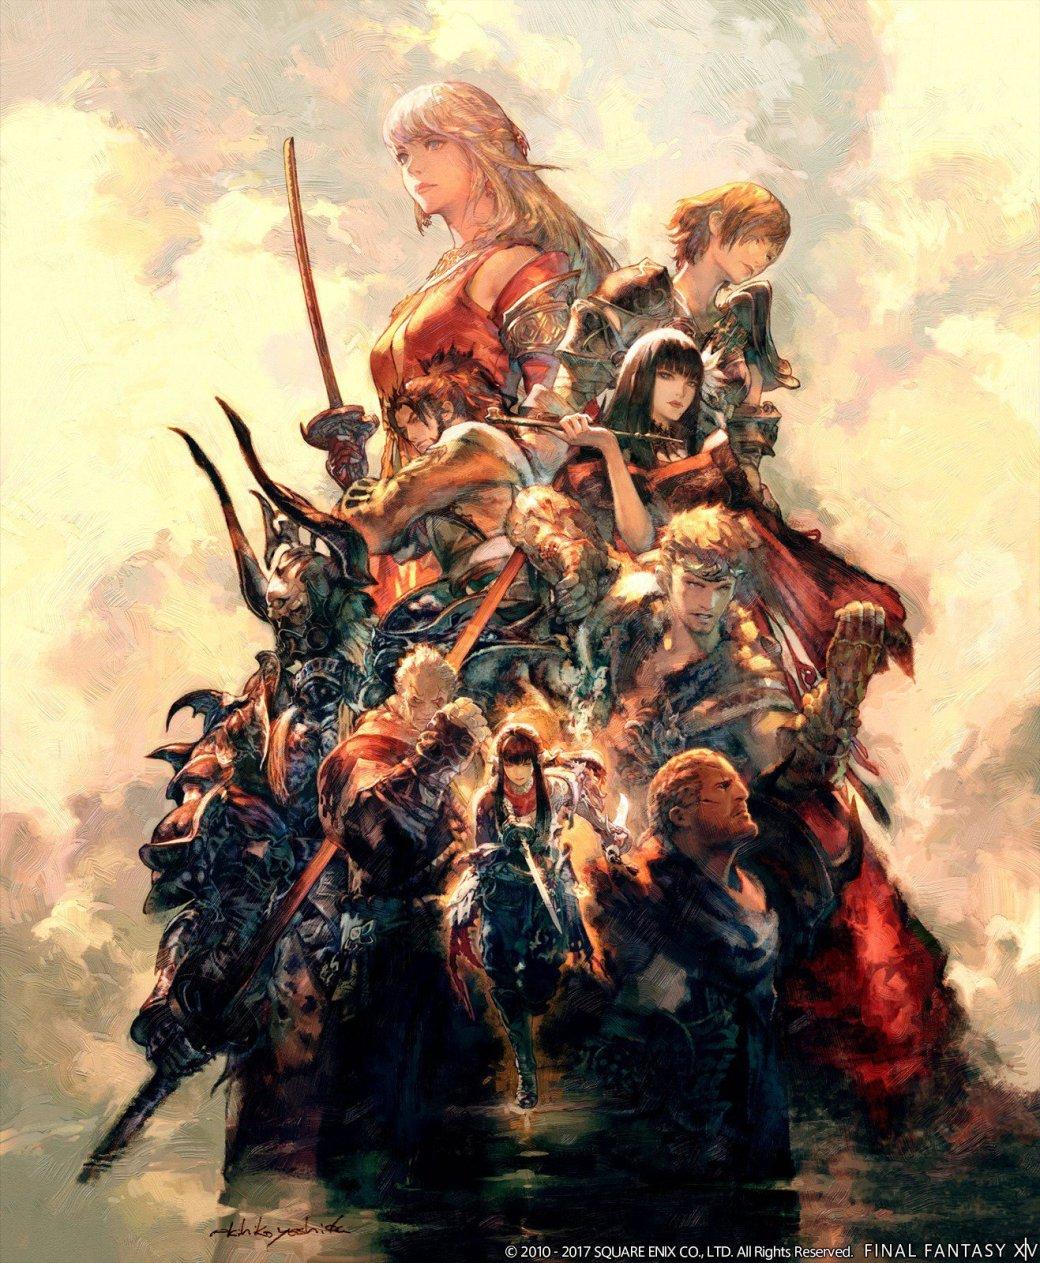 Final Fantasy XIV дважды попала в Книгу рекордов Гиннеса. - Изображение 1